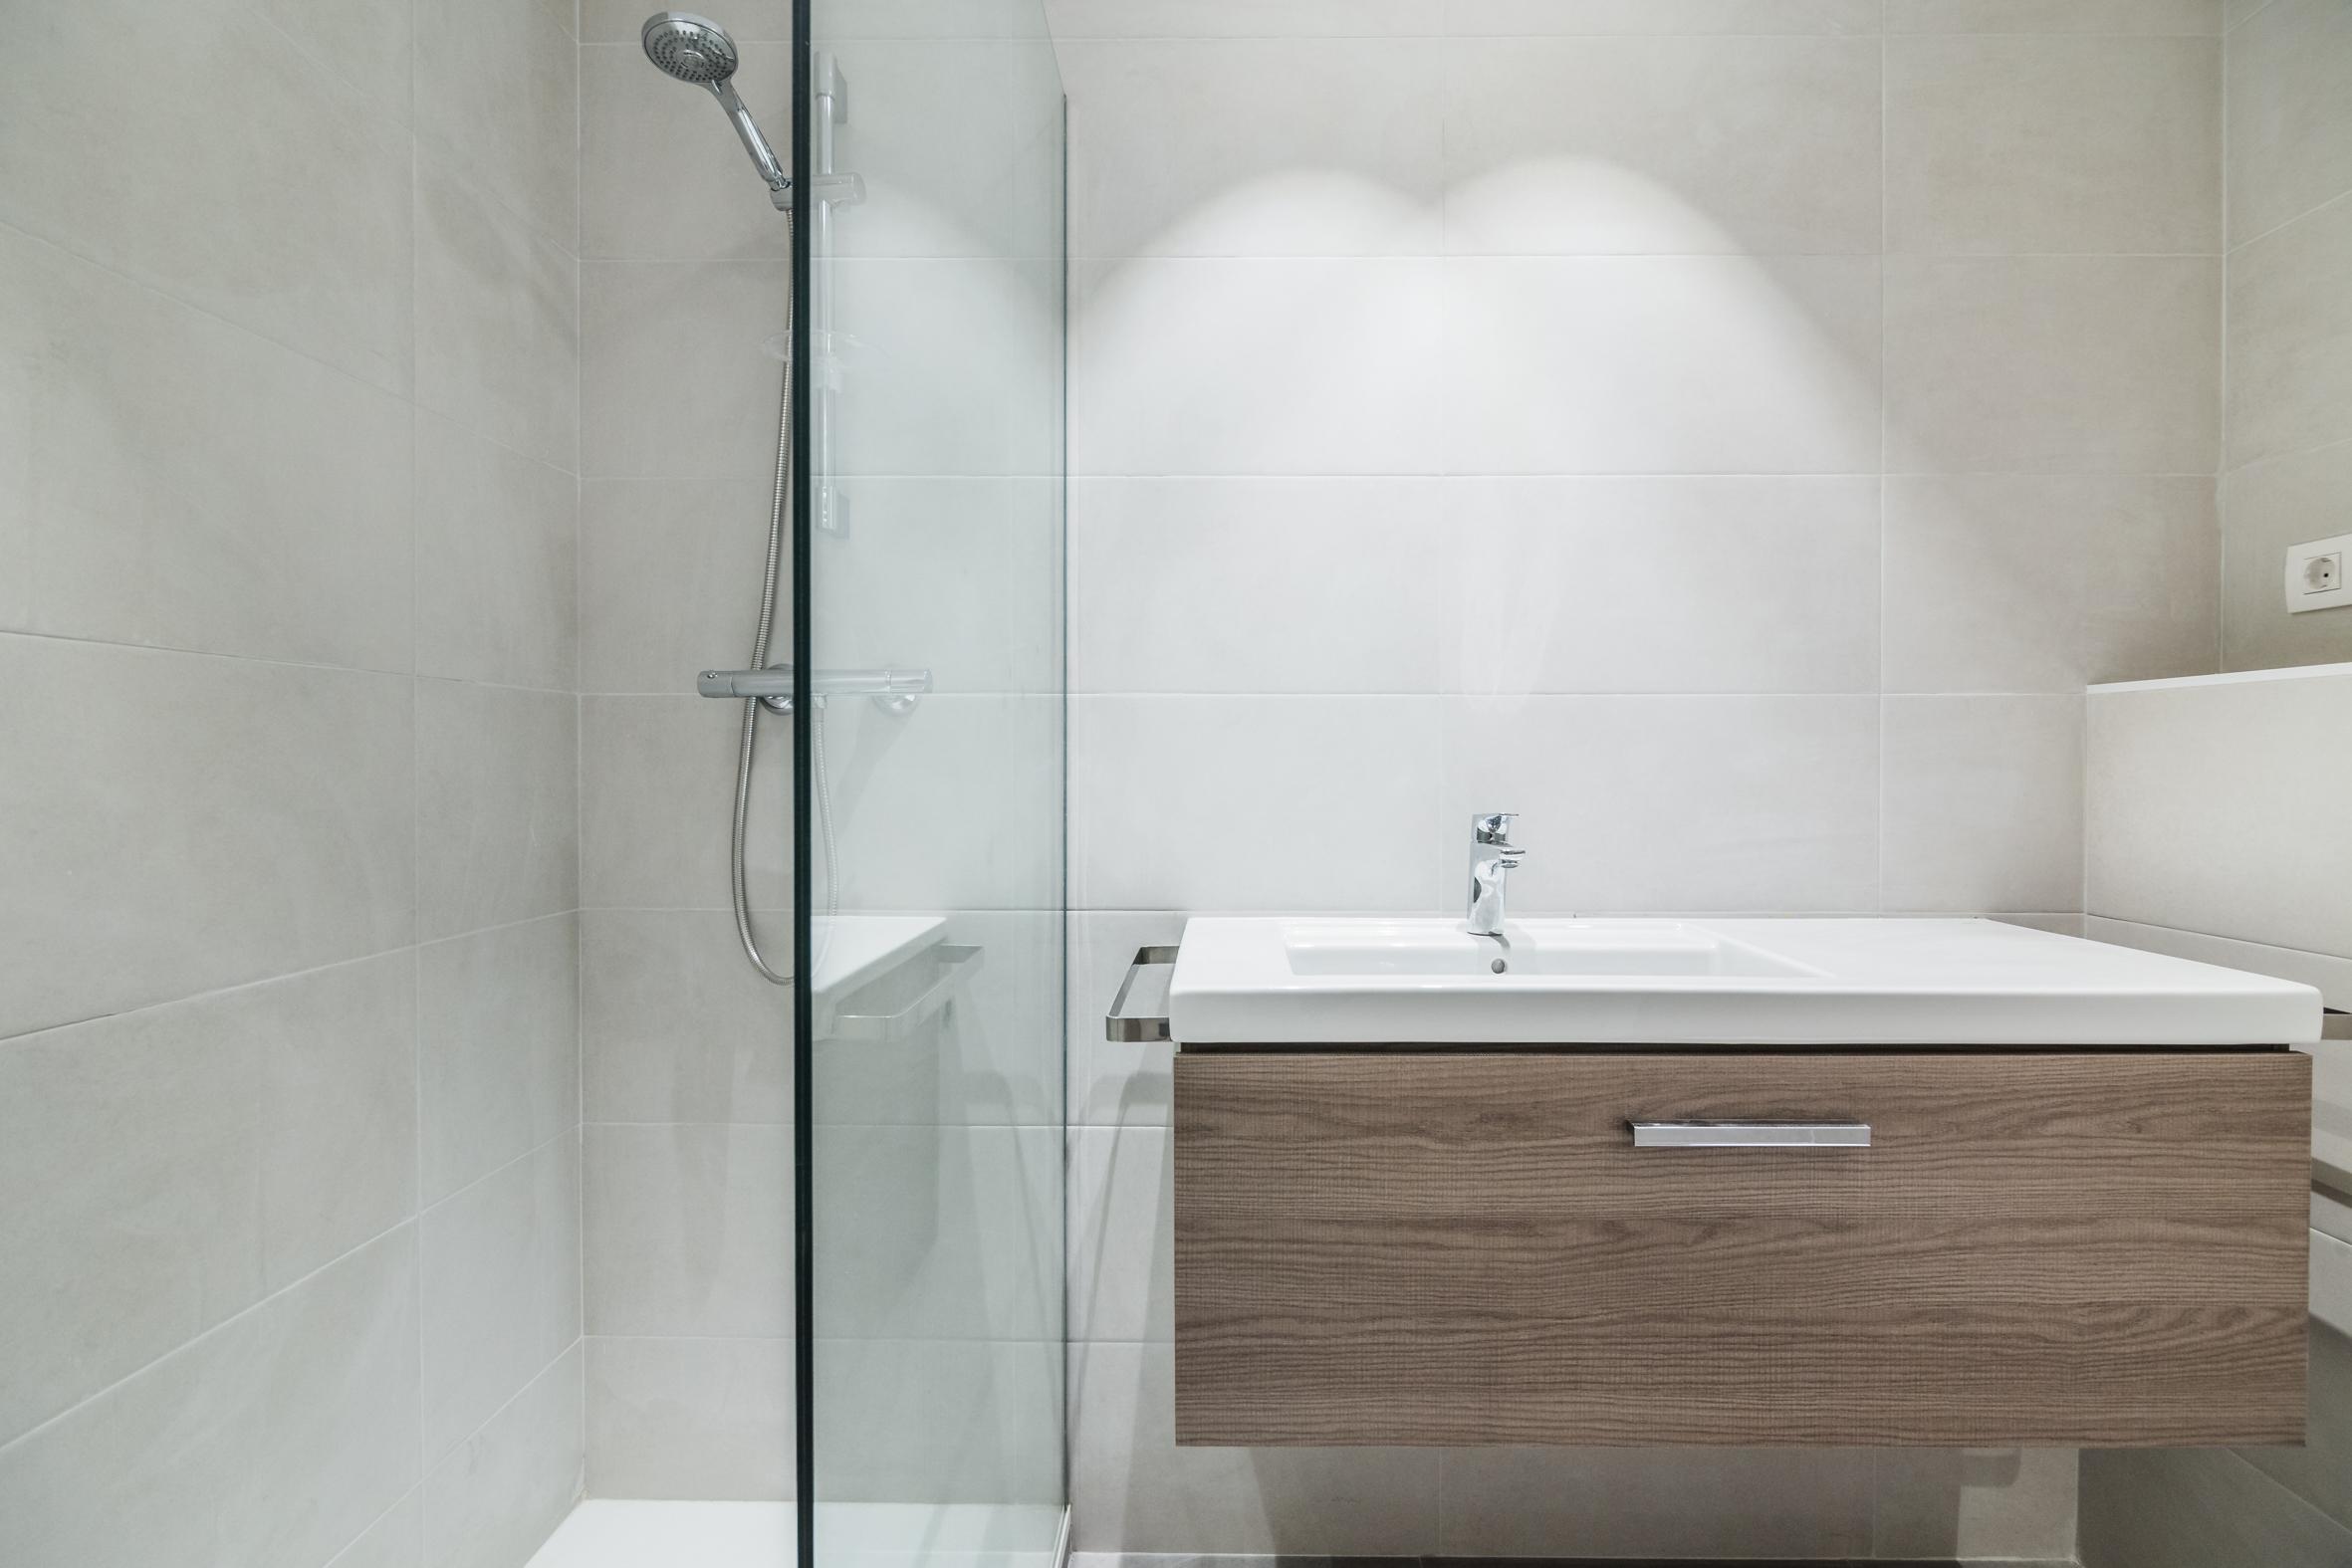 202959 Apartamento en venda en Sarrià-Sant Gervasi, St. Gervasi-Bonanova 20